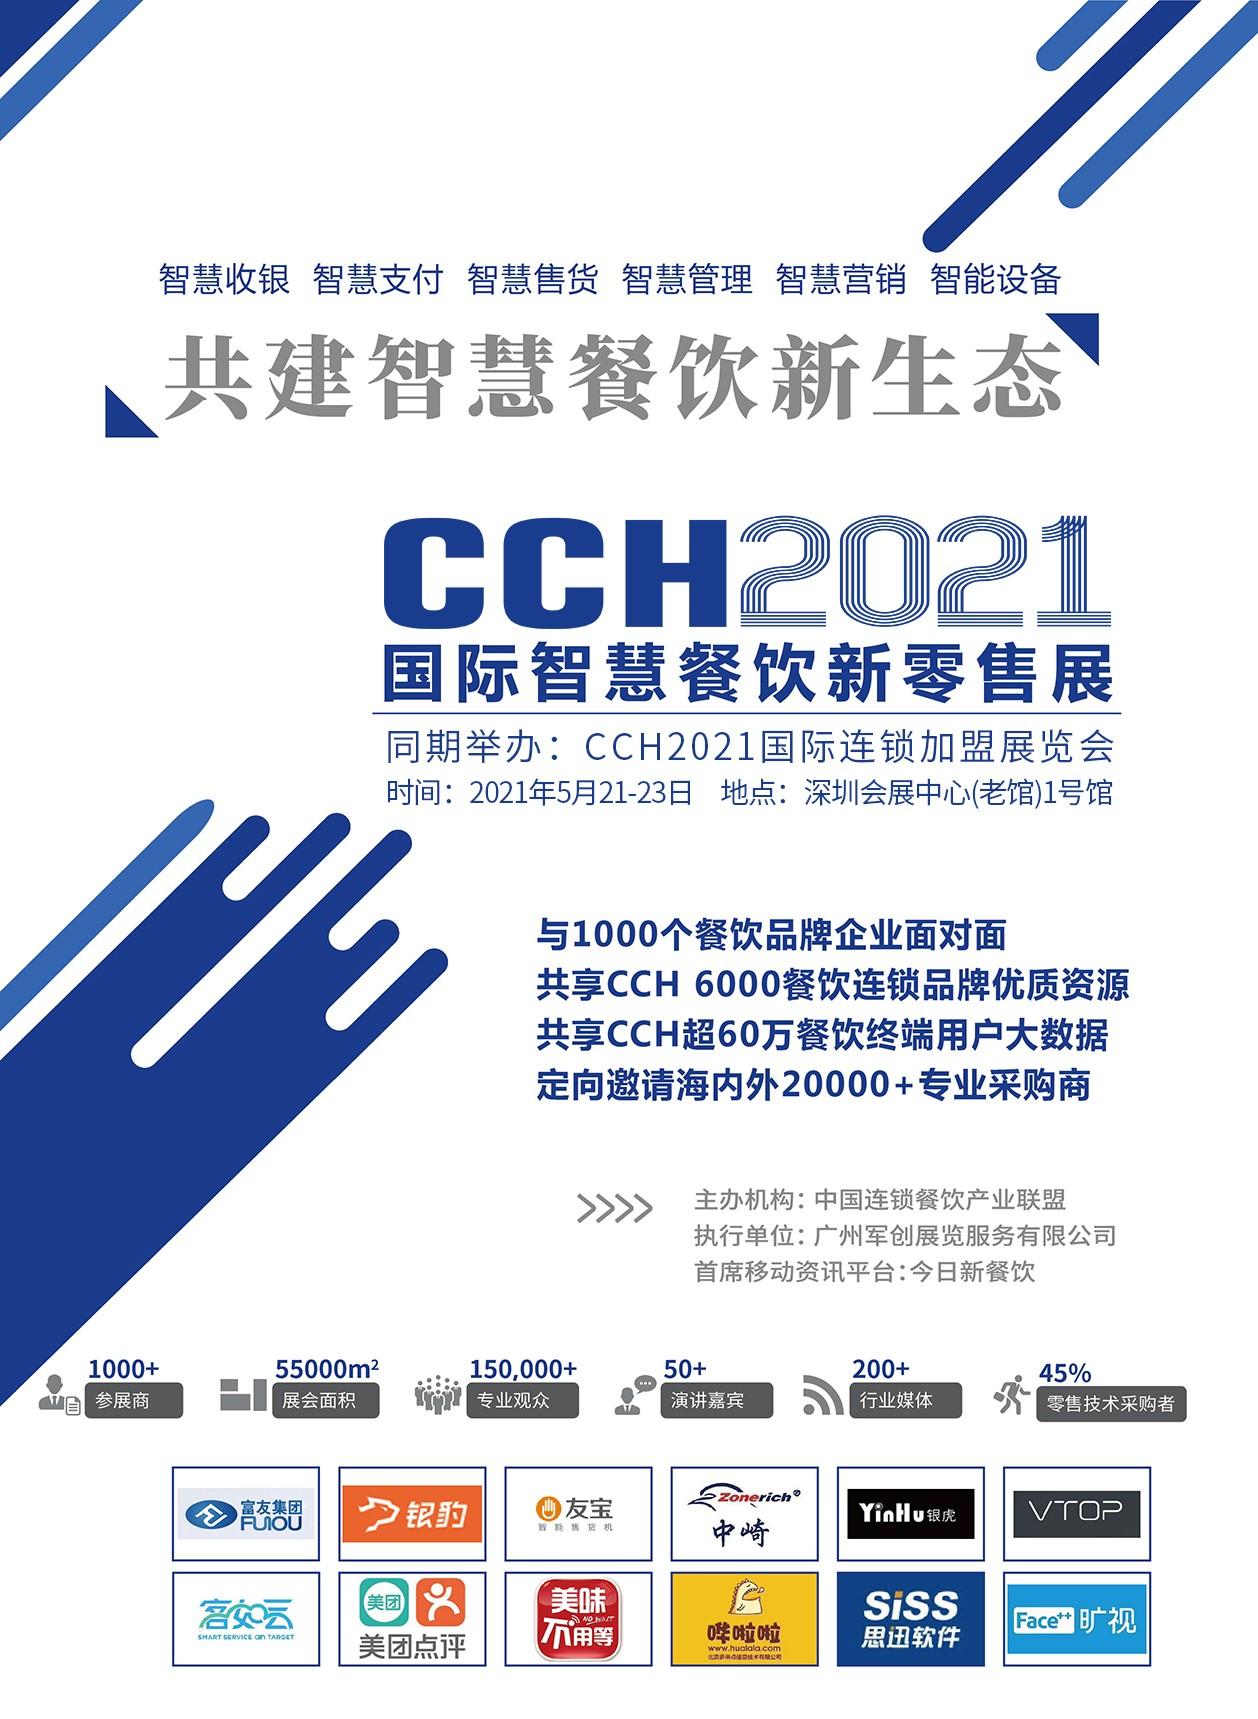 CCH国际智慧餐饮新零售展览会